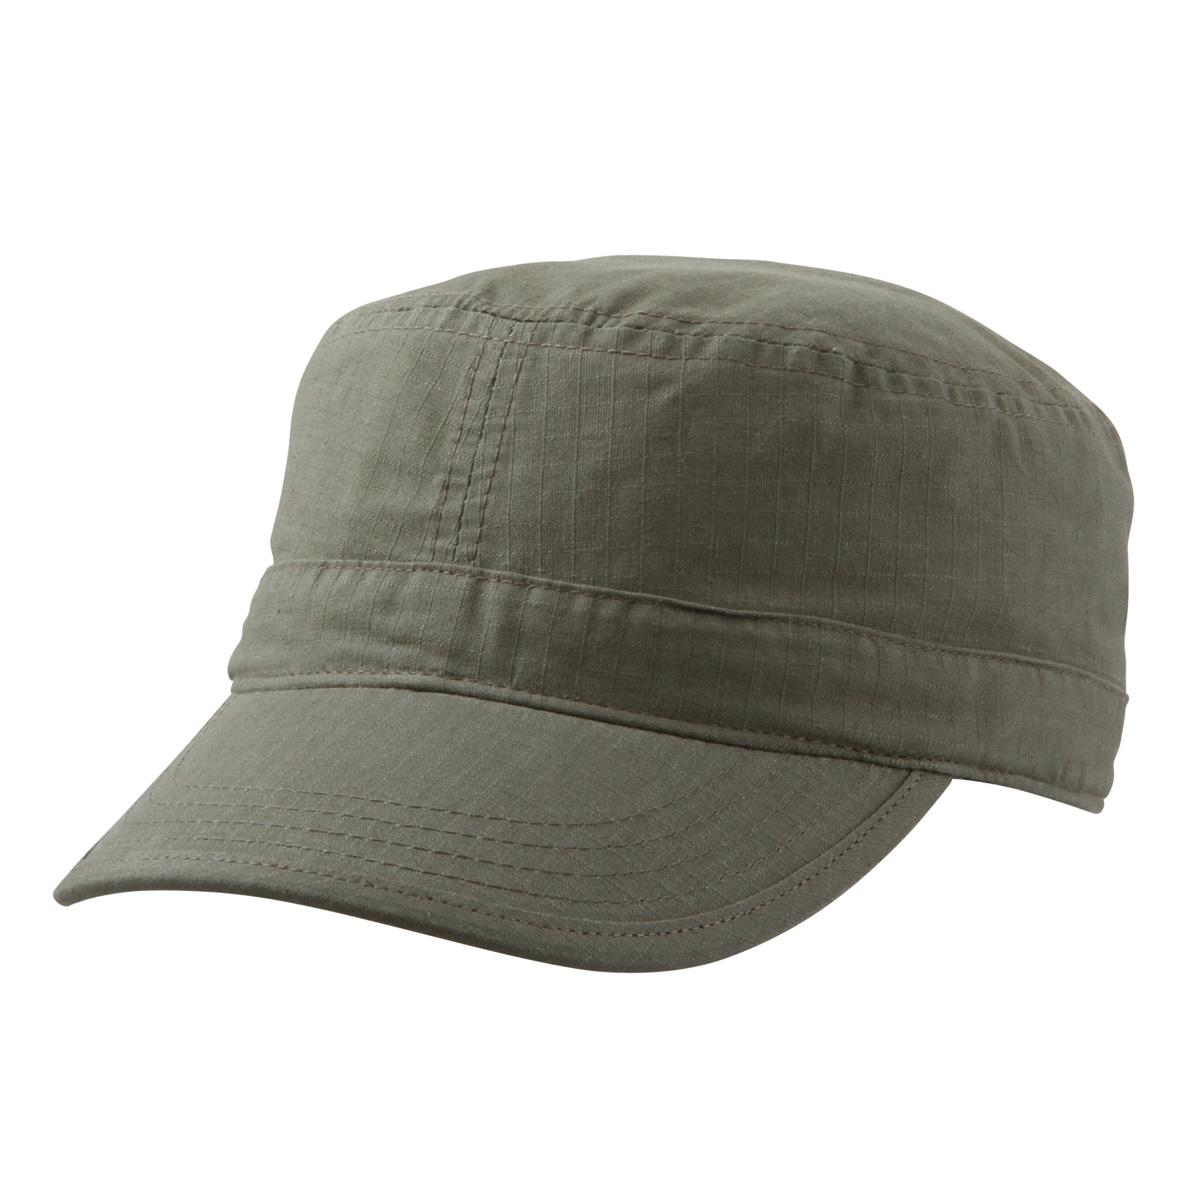 Ripstop Military Cap